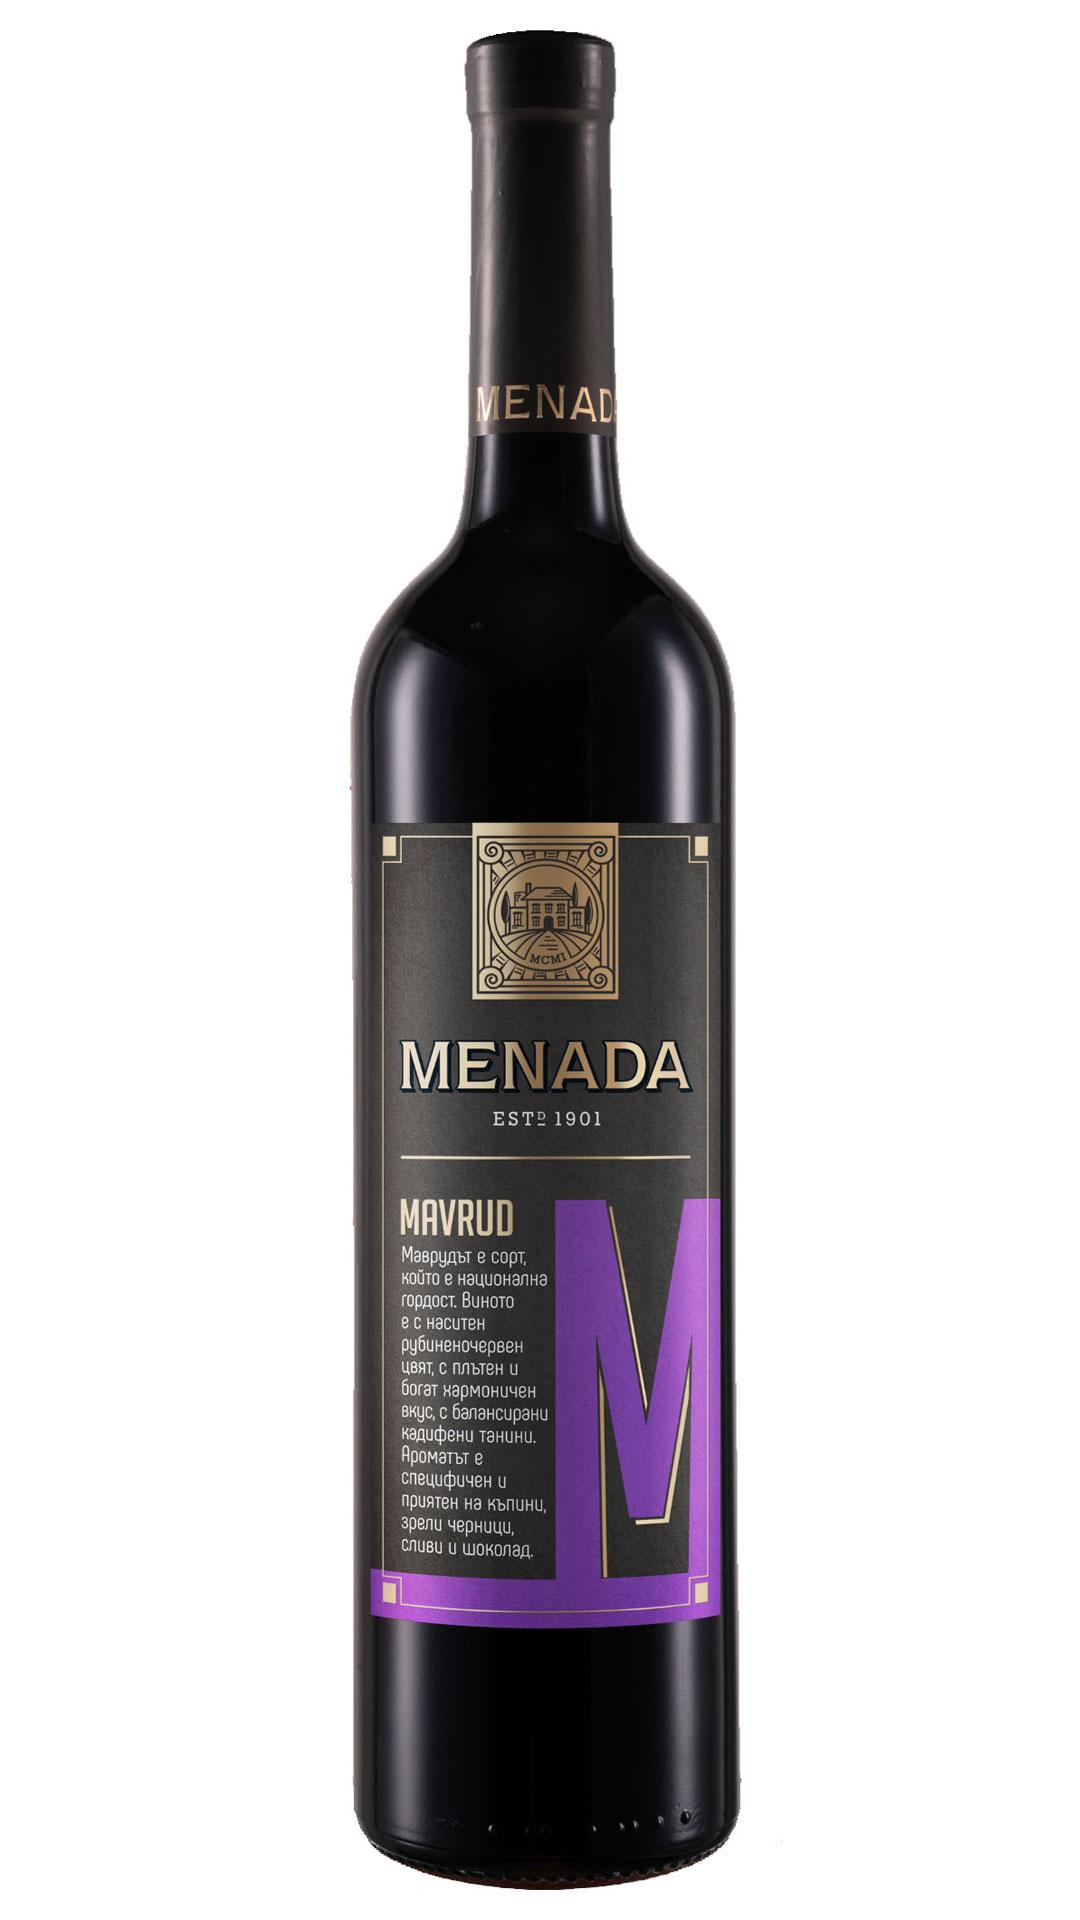 MENADA MAVRUD PGI Thracian Valley - Menada Winery